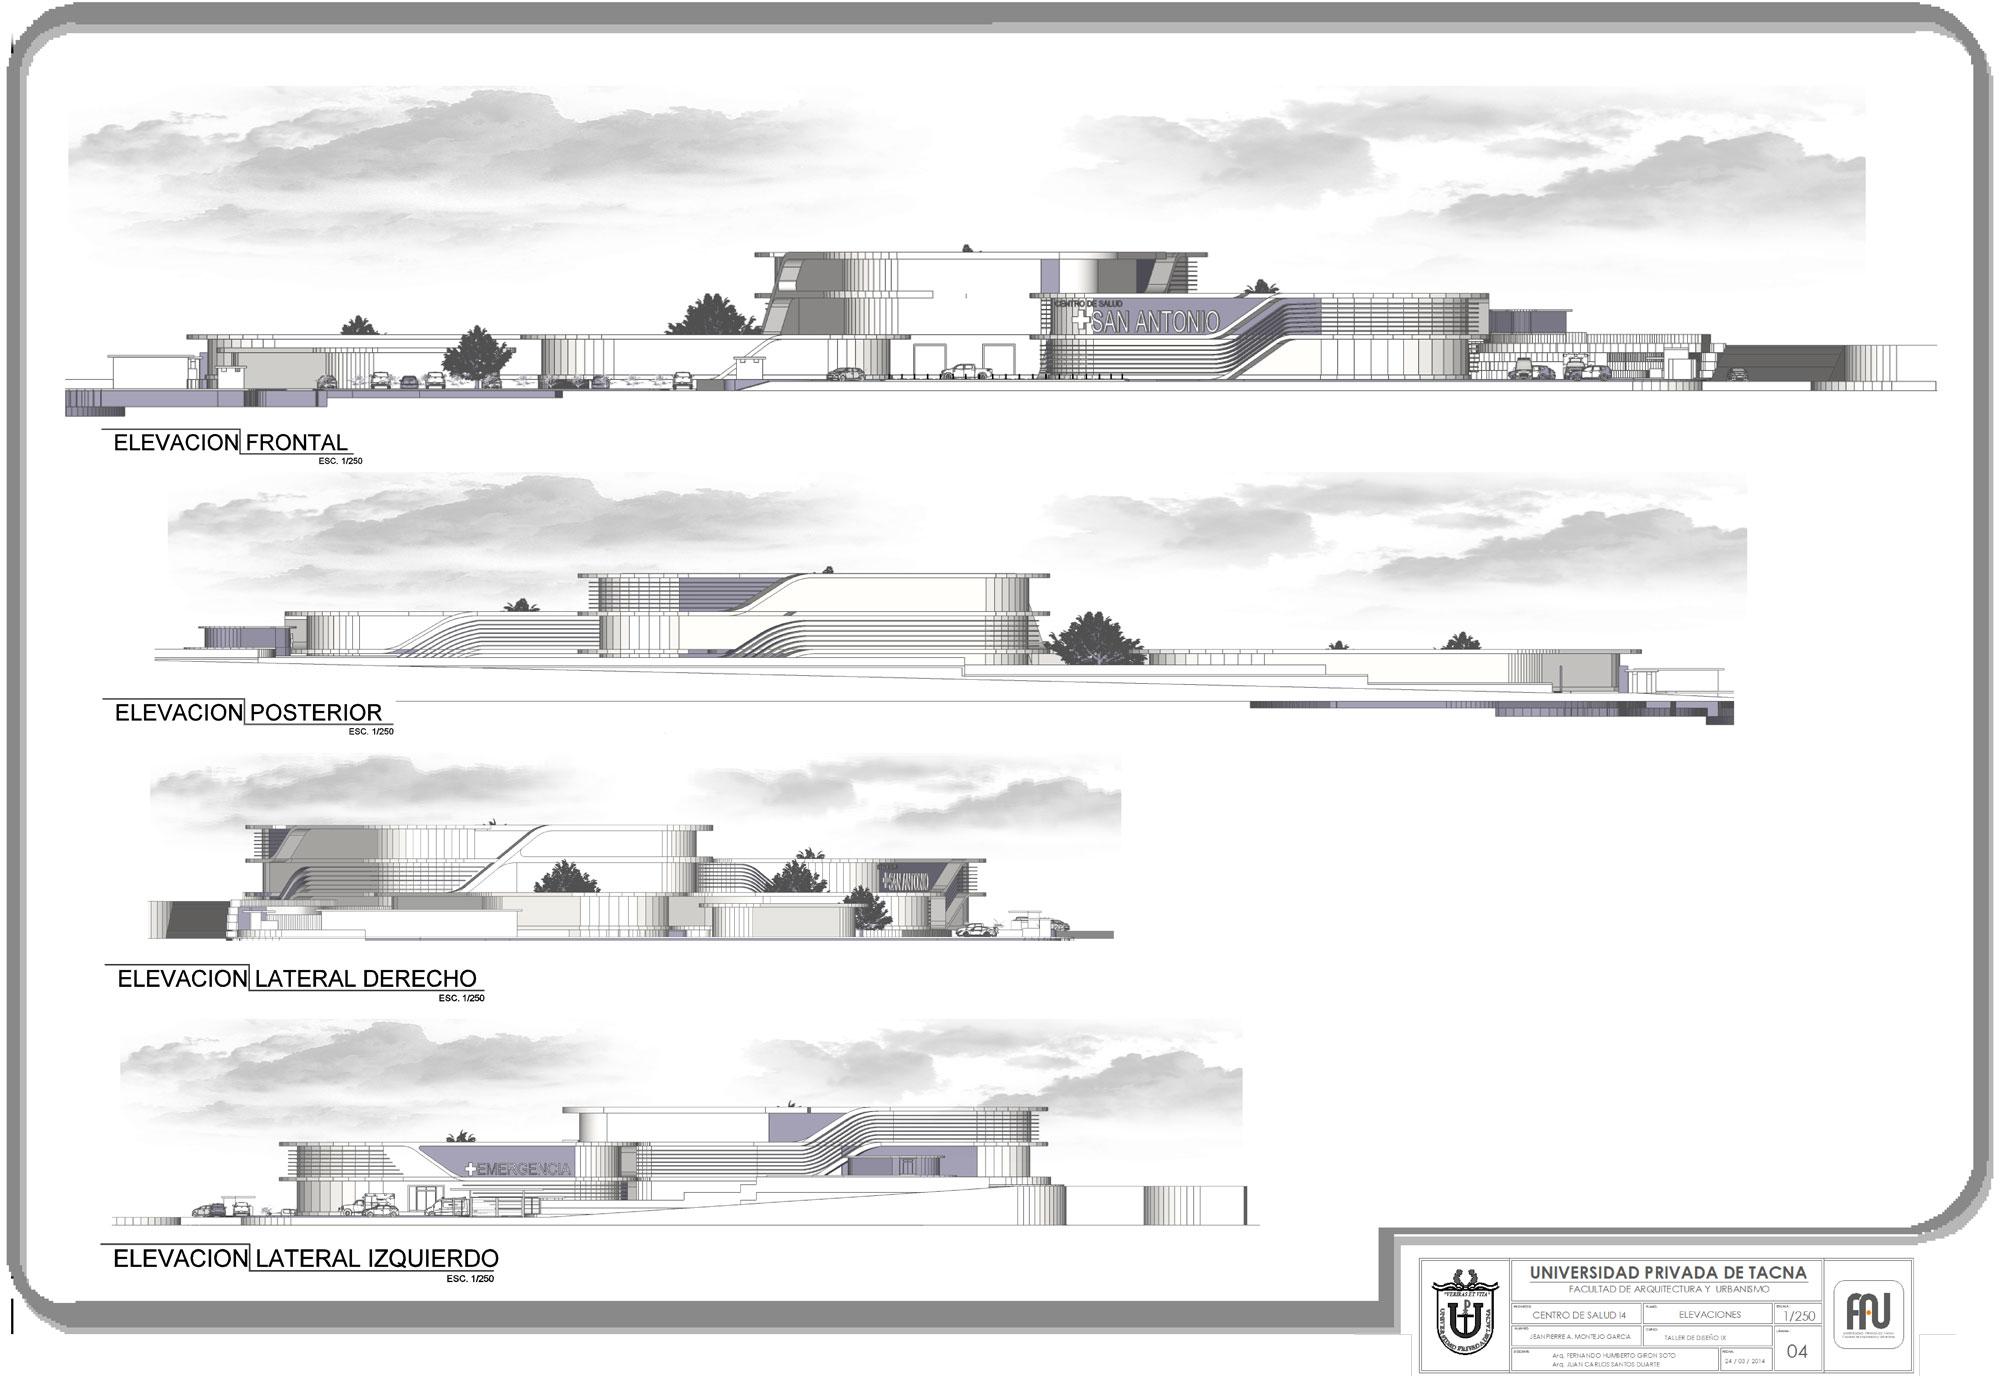 دانلود پروژه اتوکدی طراحی مرکز سلامت به صورت رایگان